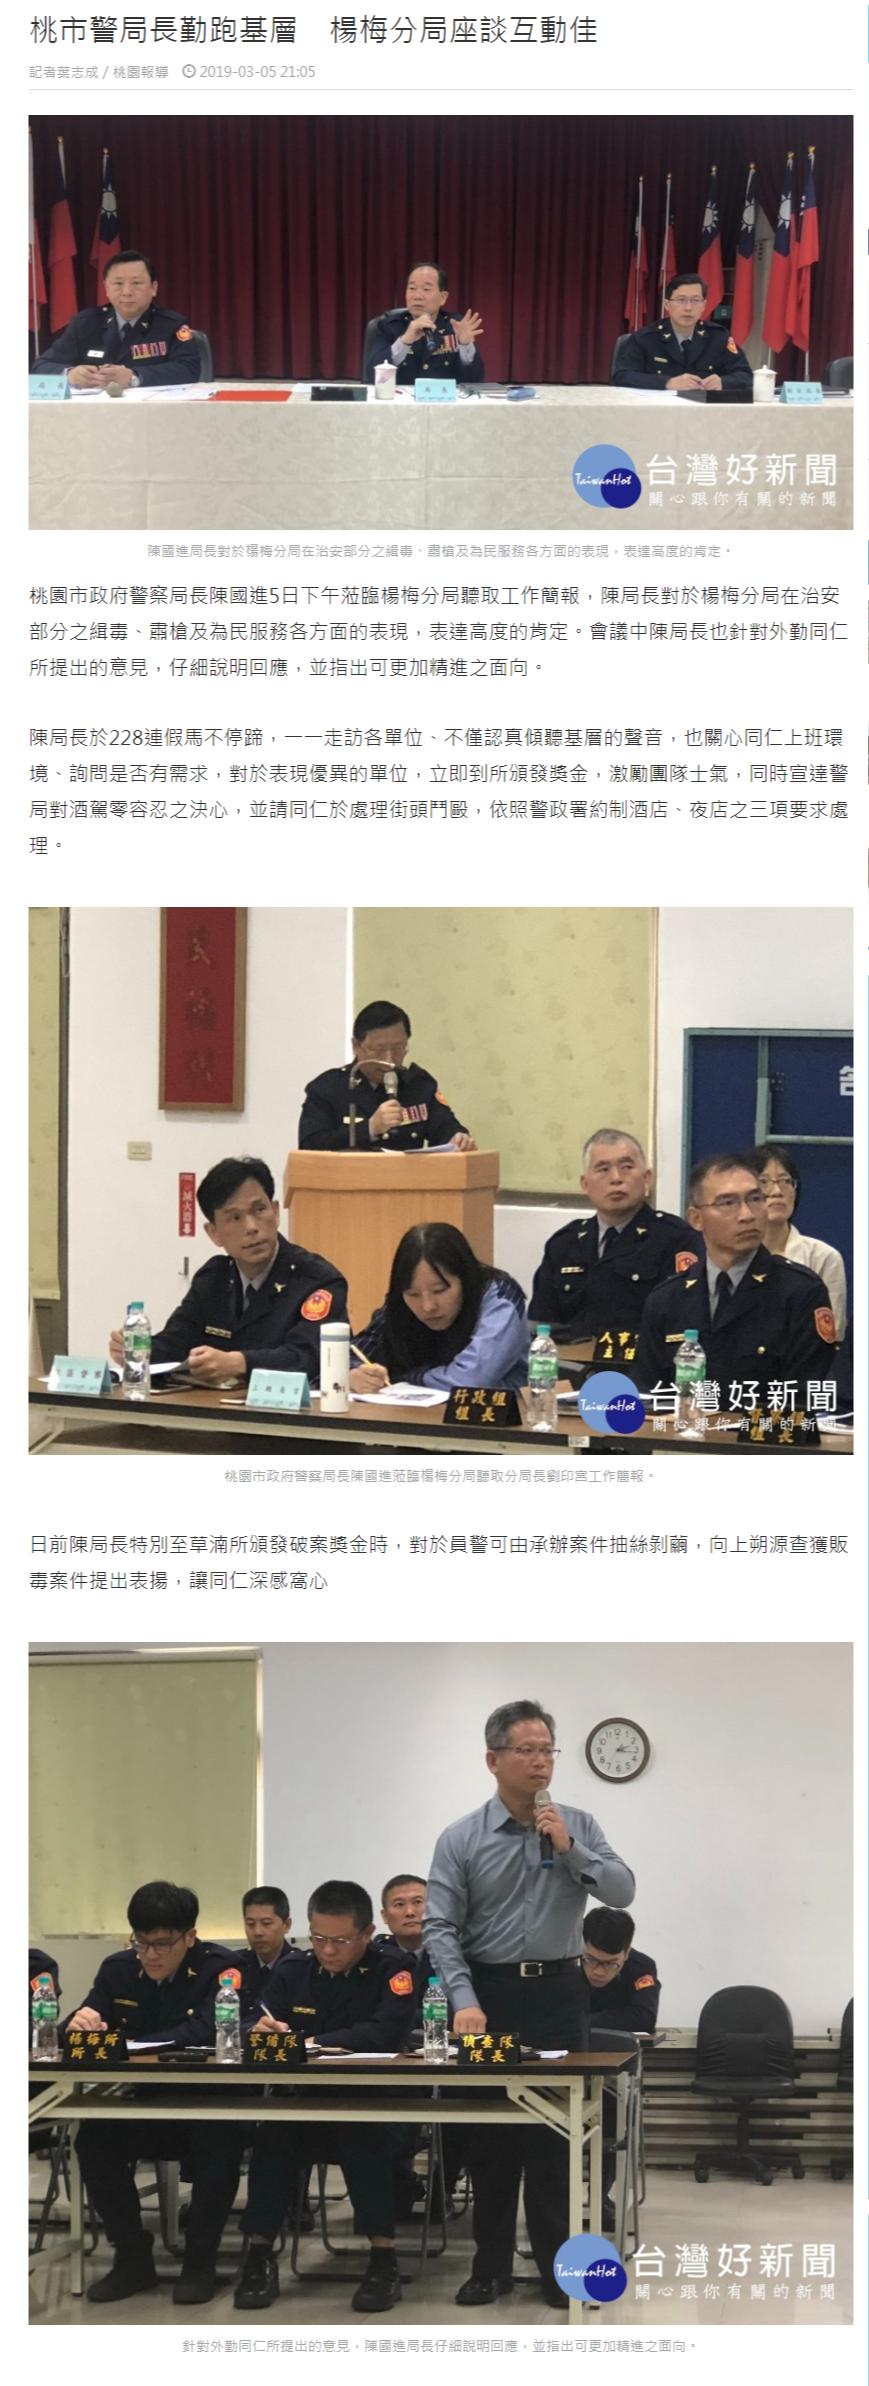 桃市警局長勤跑基層 楊梅分局座談互動佳